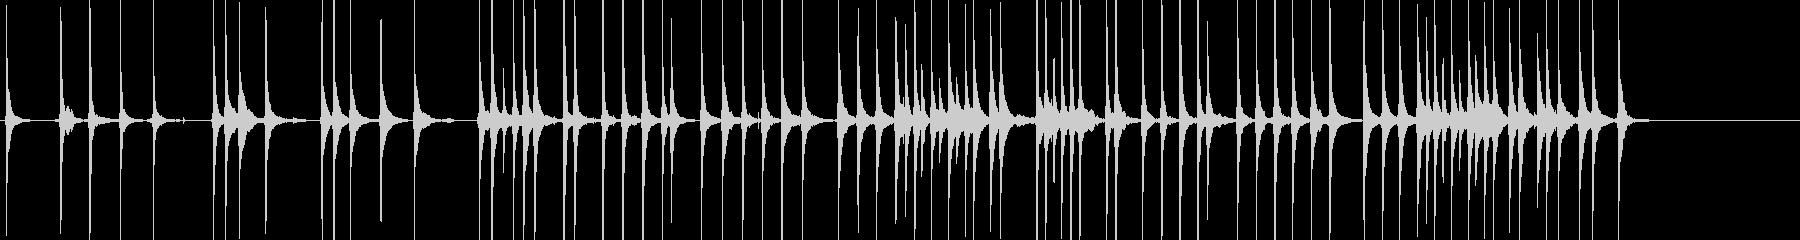 三味線81鷺娘13しやほ生音歌舞伎妖怪鷺の未再生の波形